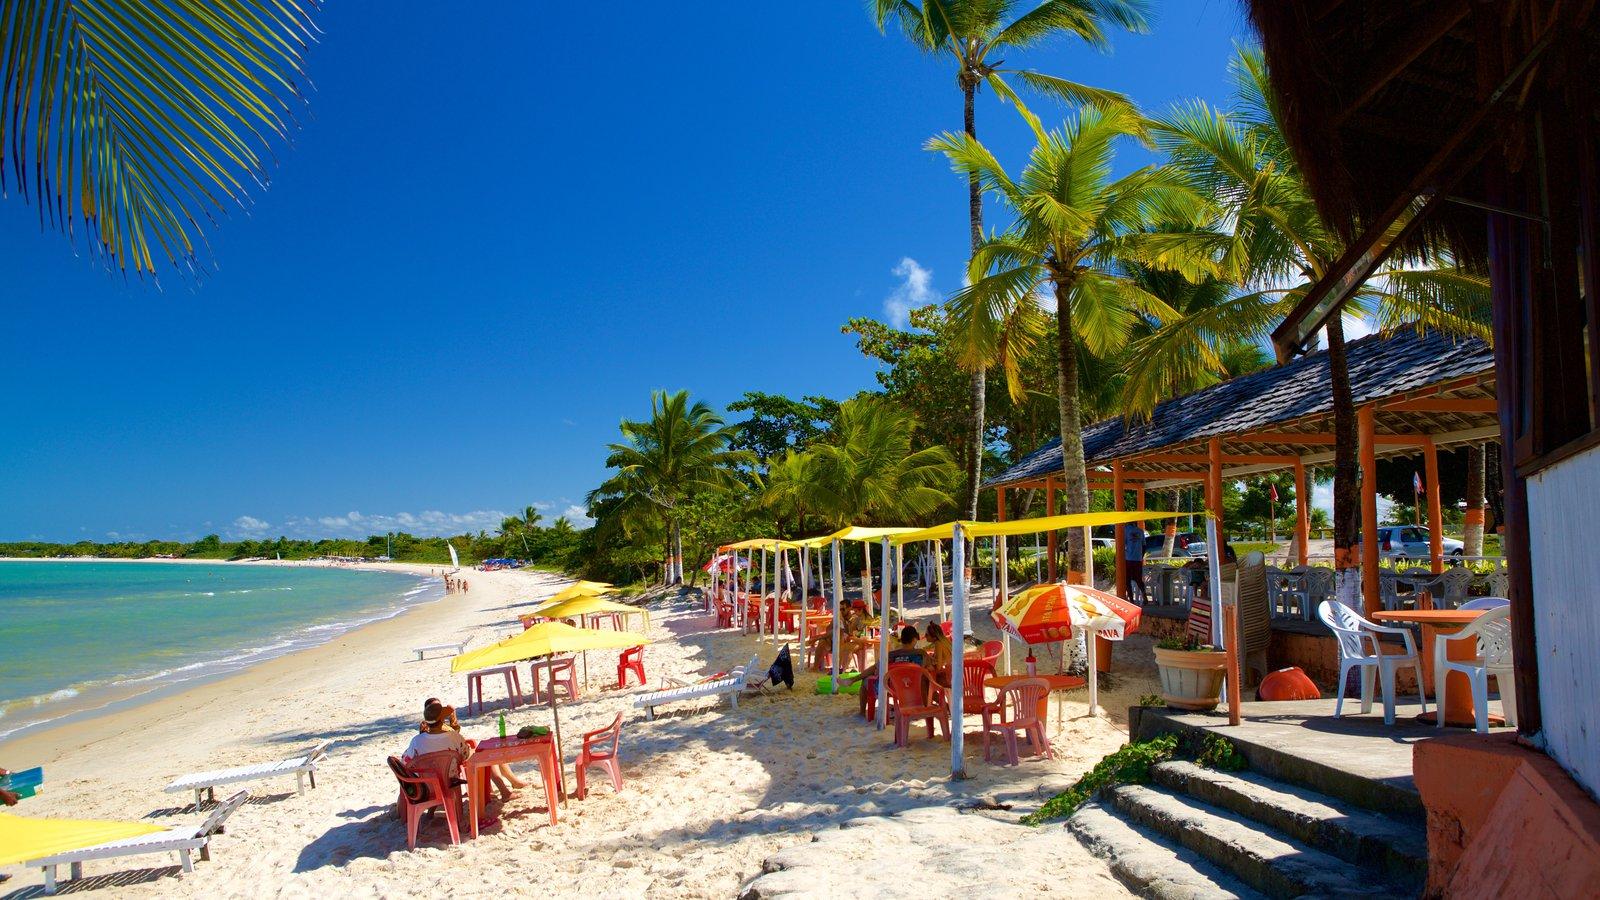 Praia do Mutá caracterizando uma praia, paisagens litorâneas e jantar ao ar livre